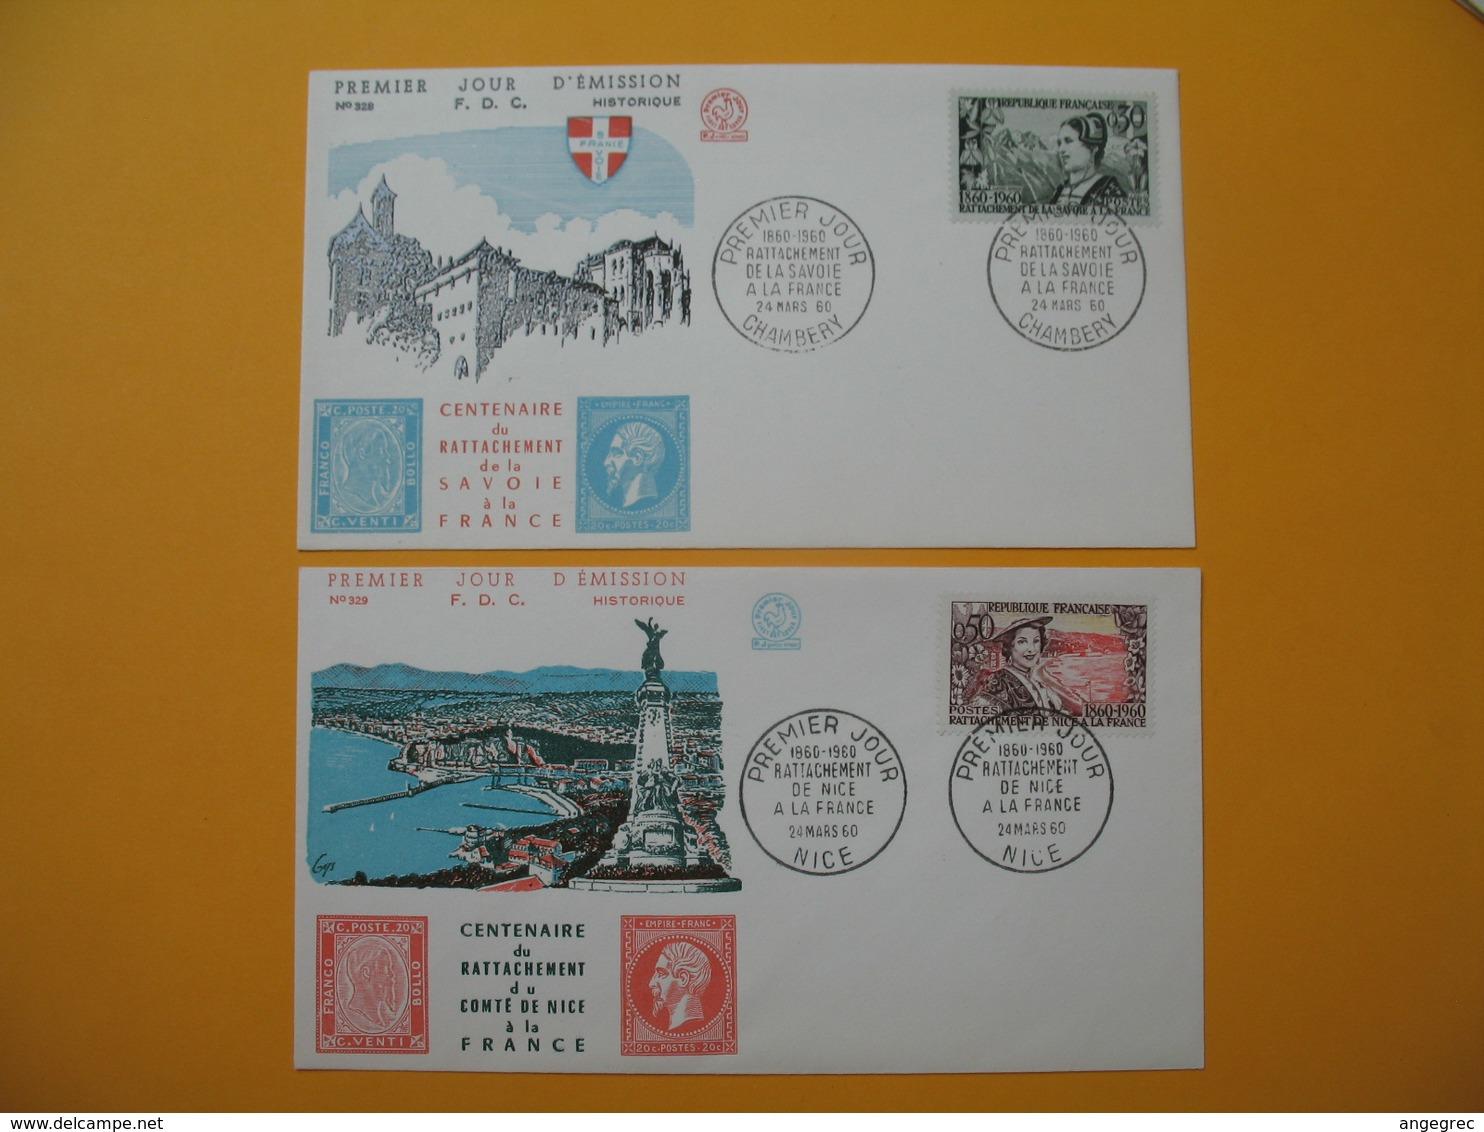 FDC 1960  France  N° 1246 & 1247  Centenaire Du Rattachement Du Comté De Nice à La France - 1960-1969